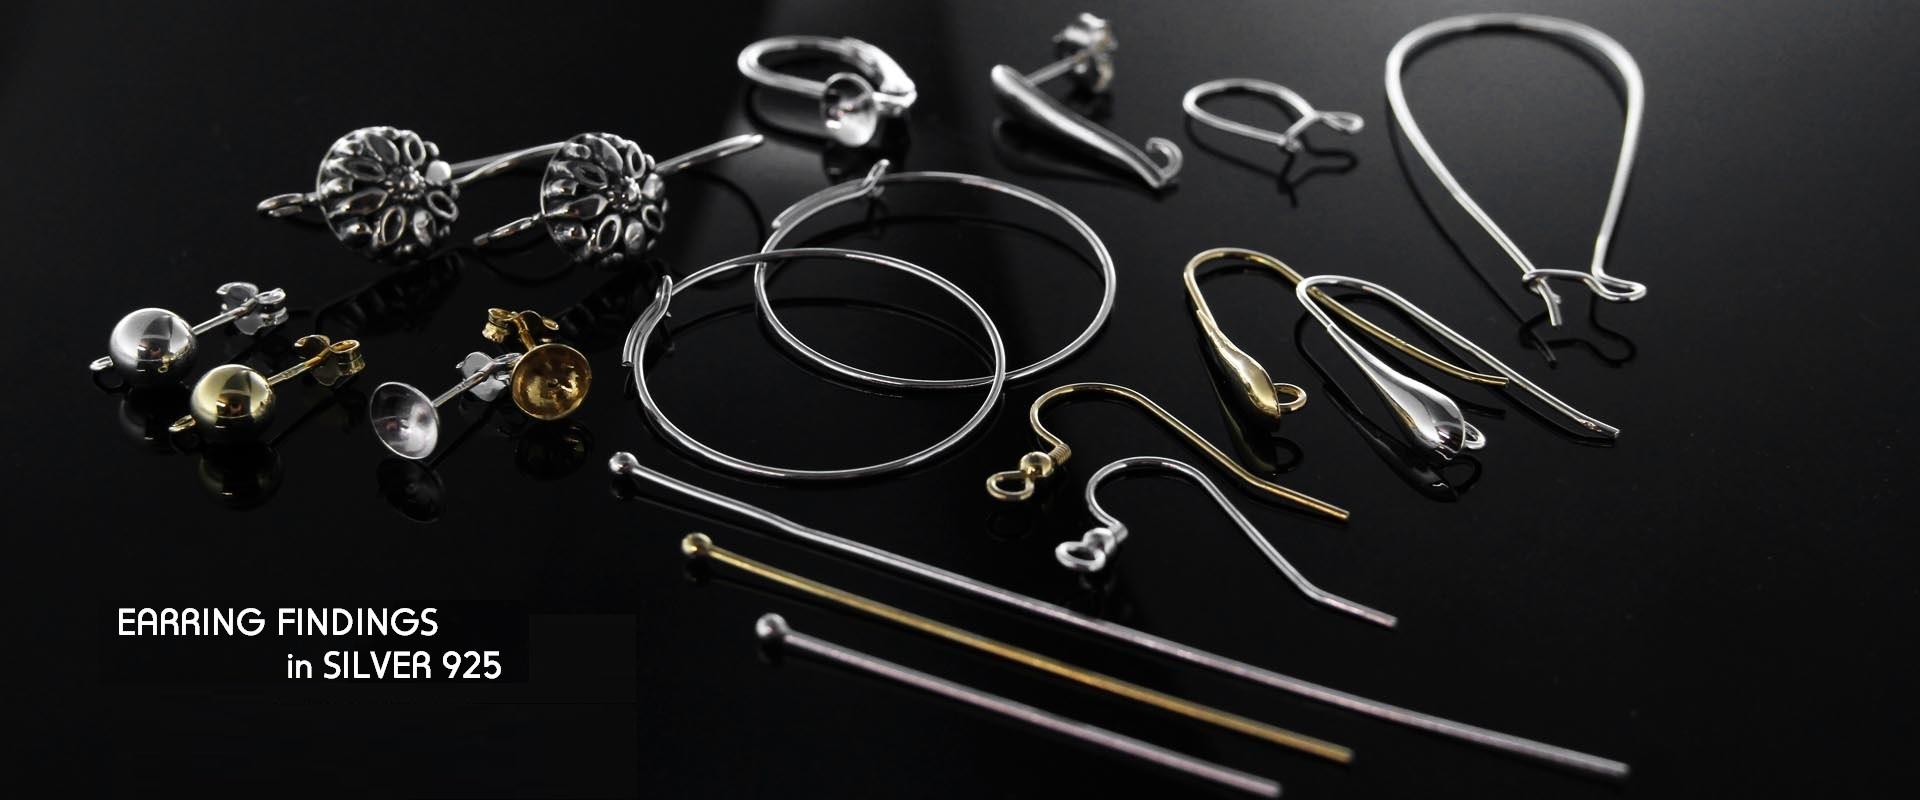 Εξαρτήματα για σκουλαρίκια